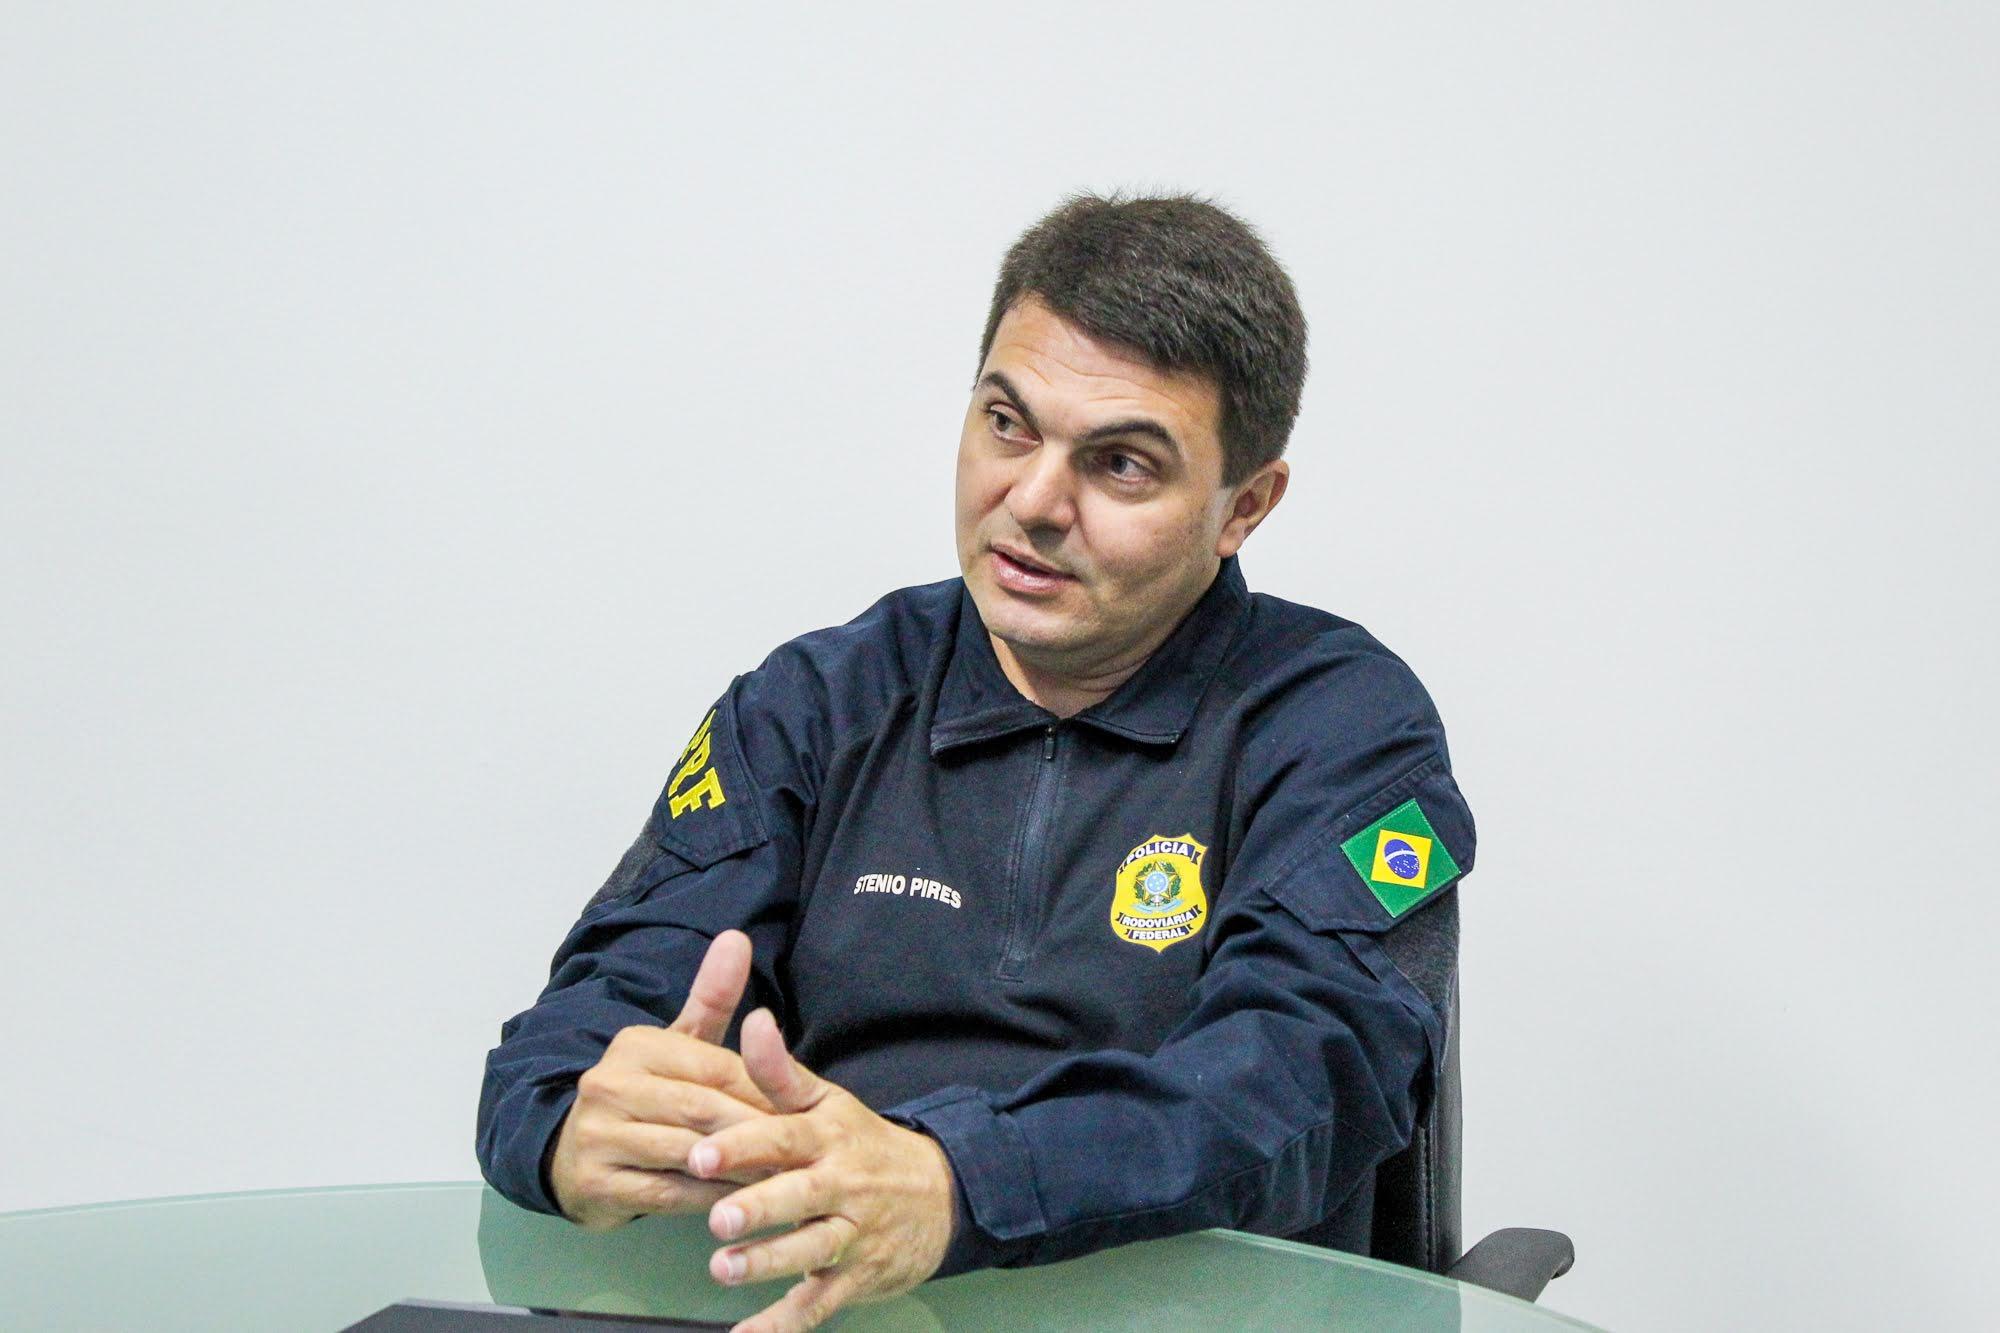 Stênio Pires, Superintendente da PRF no Piauí (Foto: Reprodução/ UFPI)